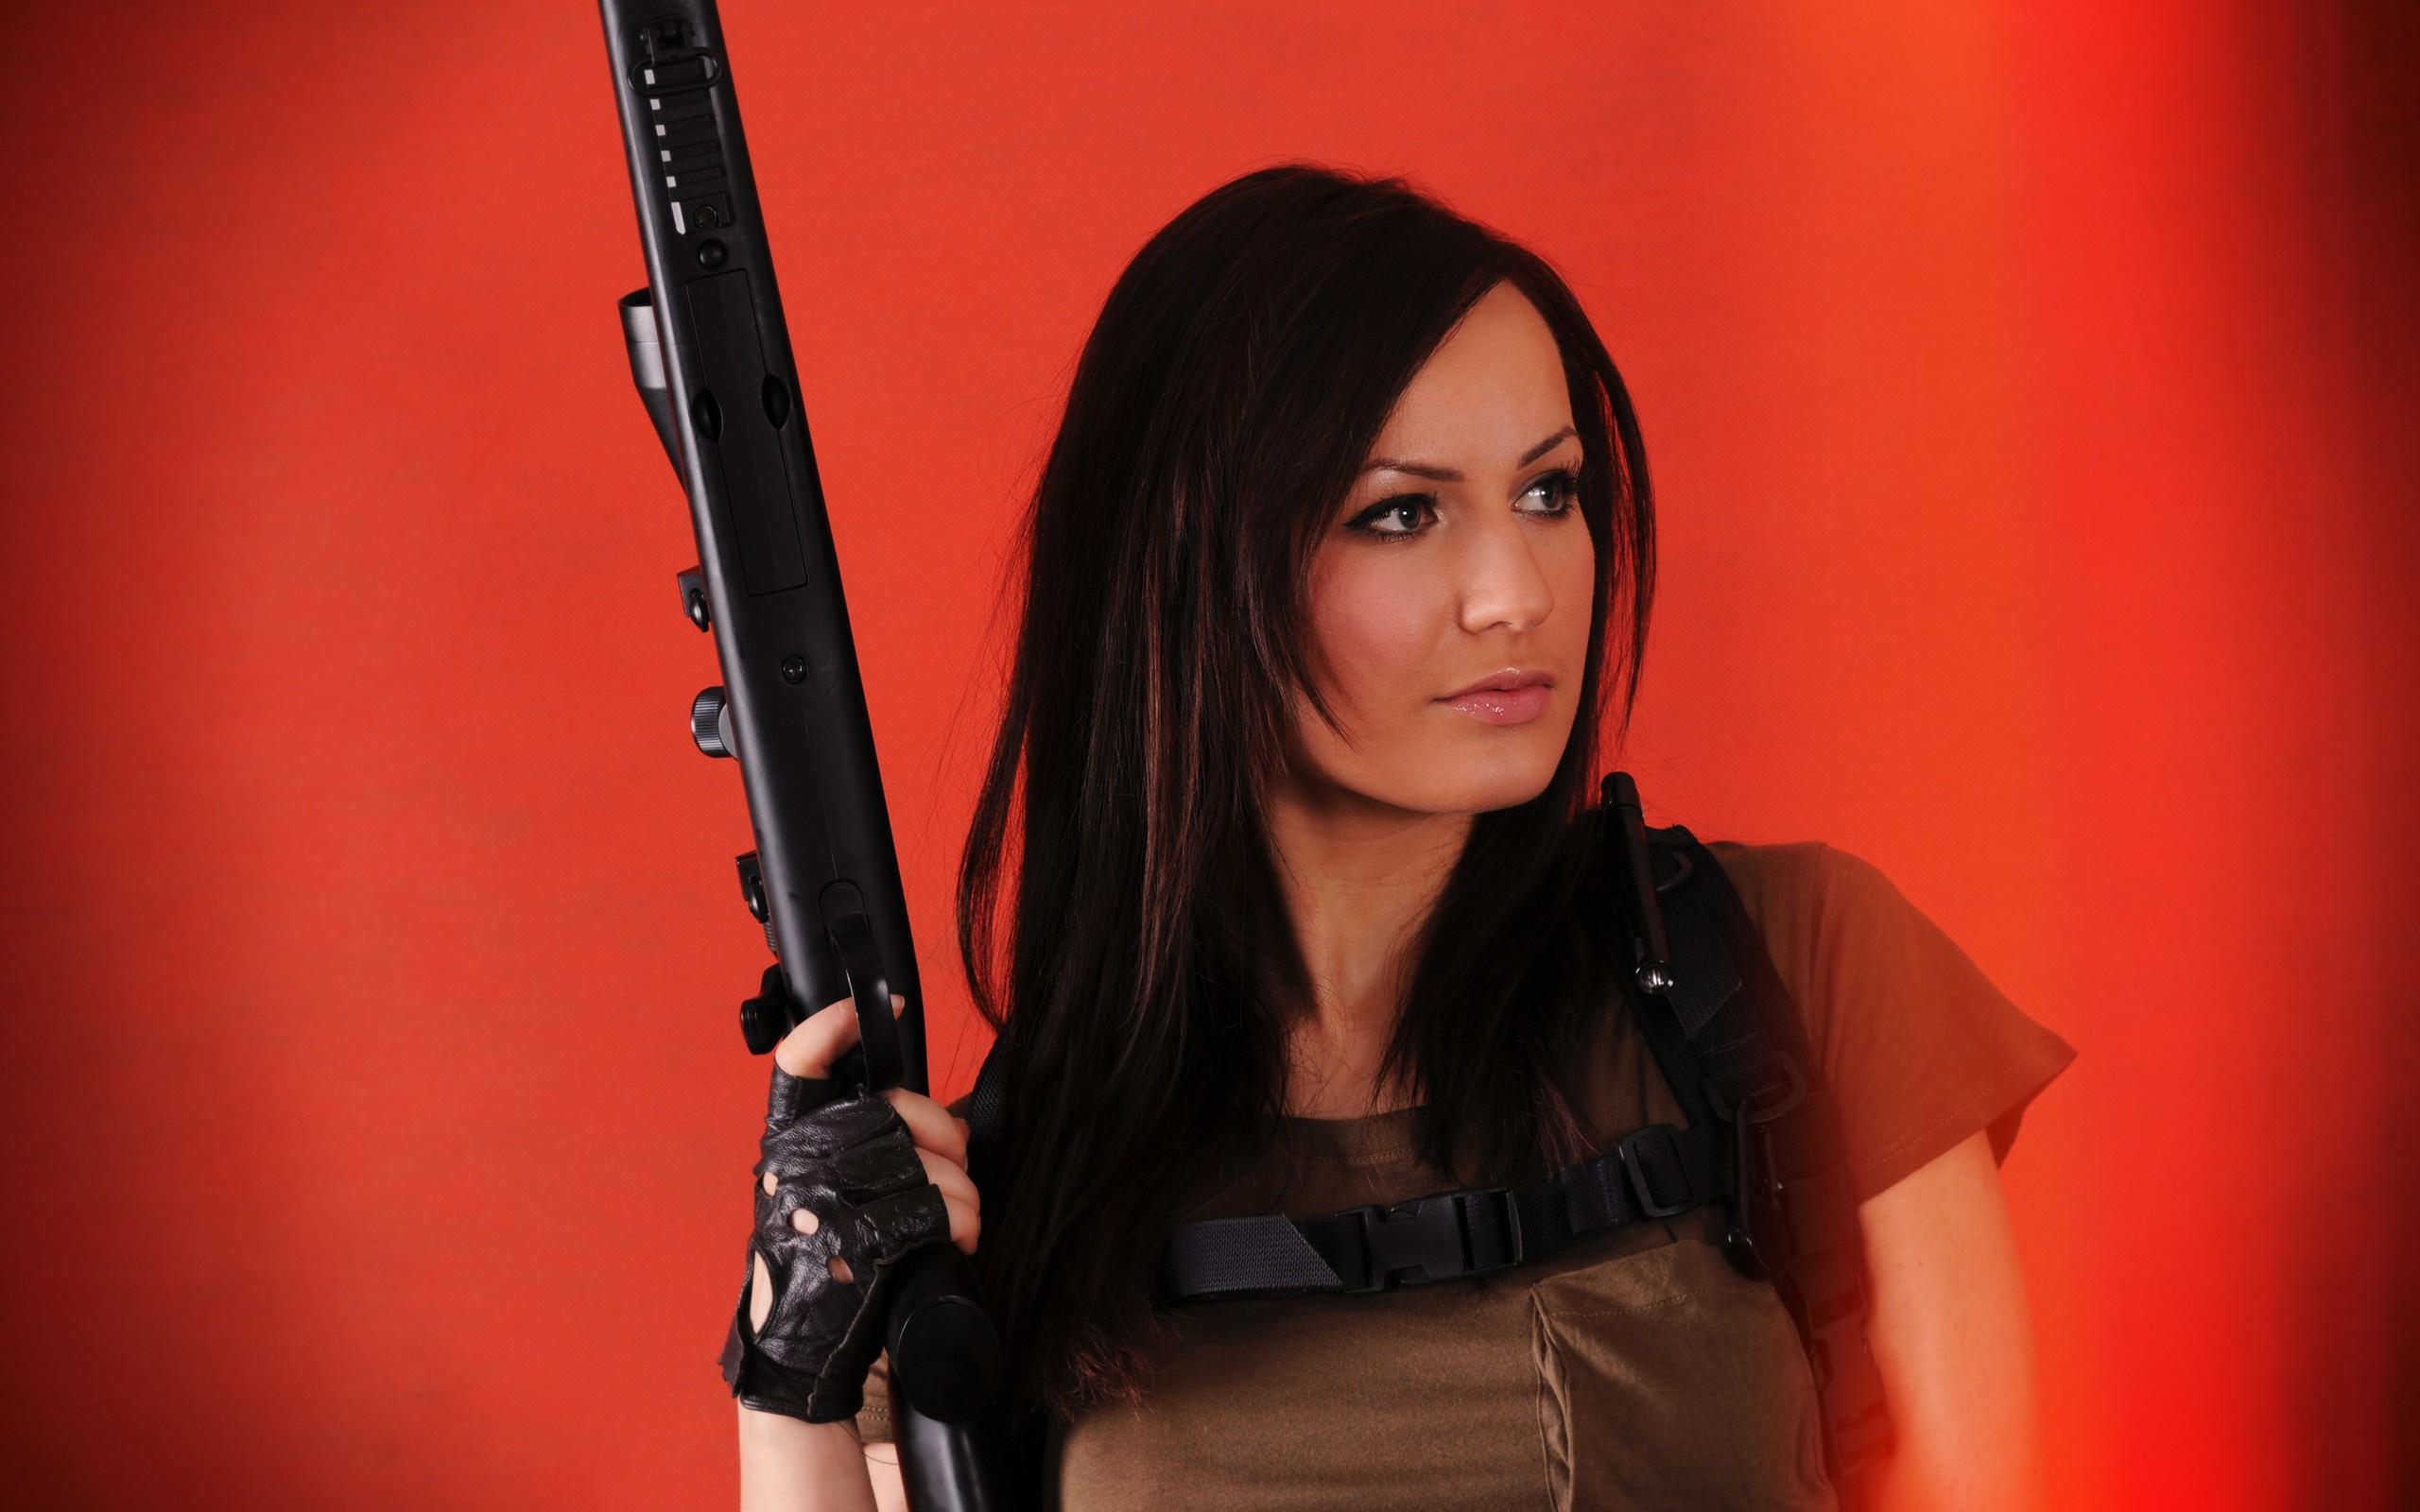 Una chica y un rifle - 2560x1600